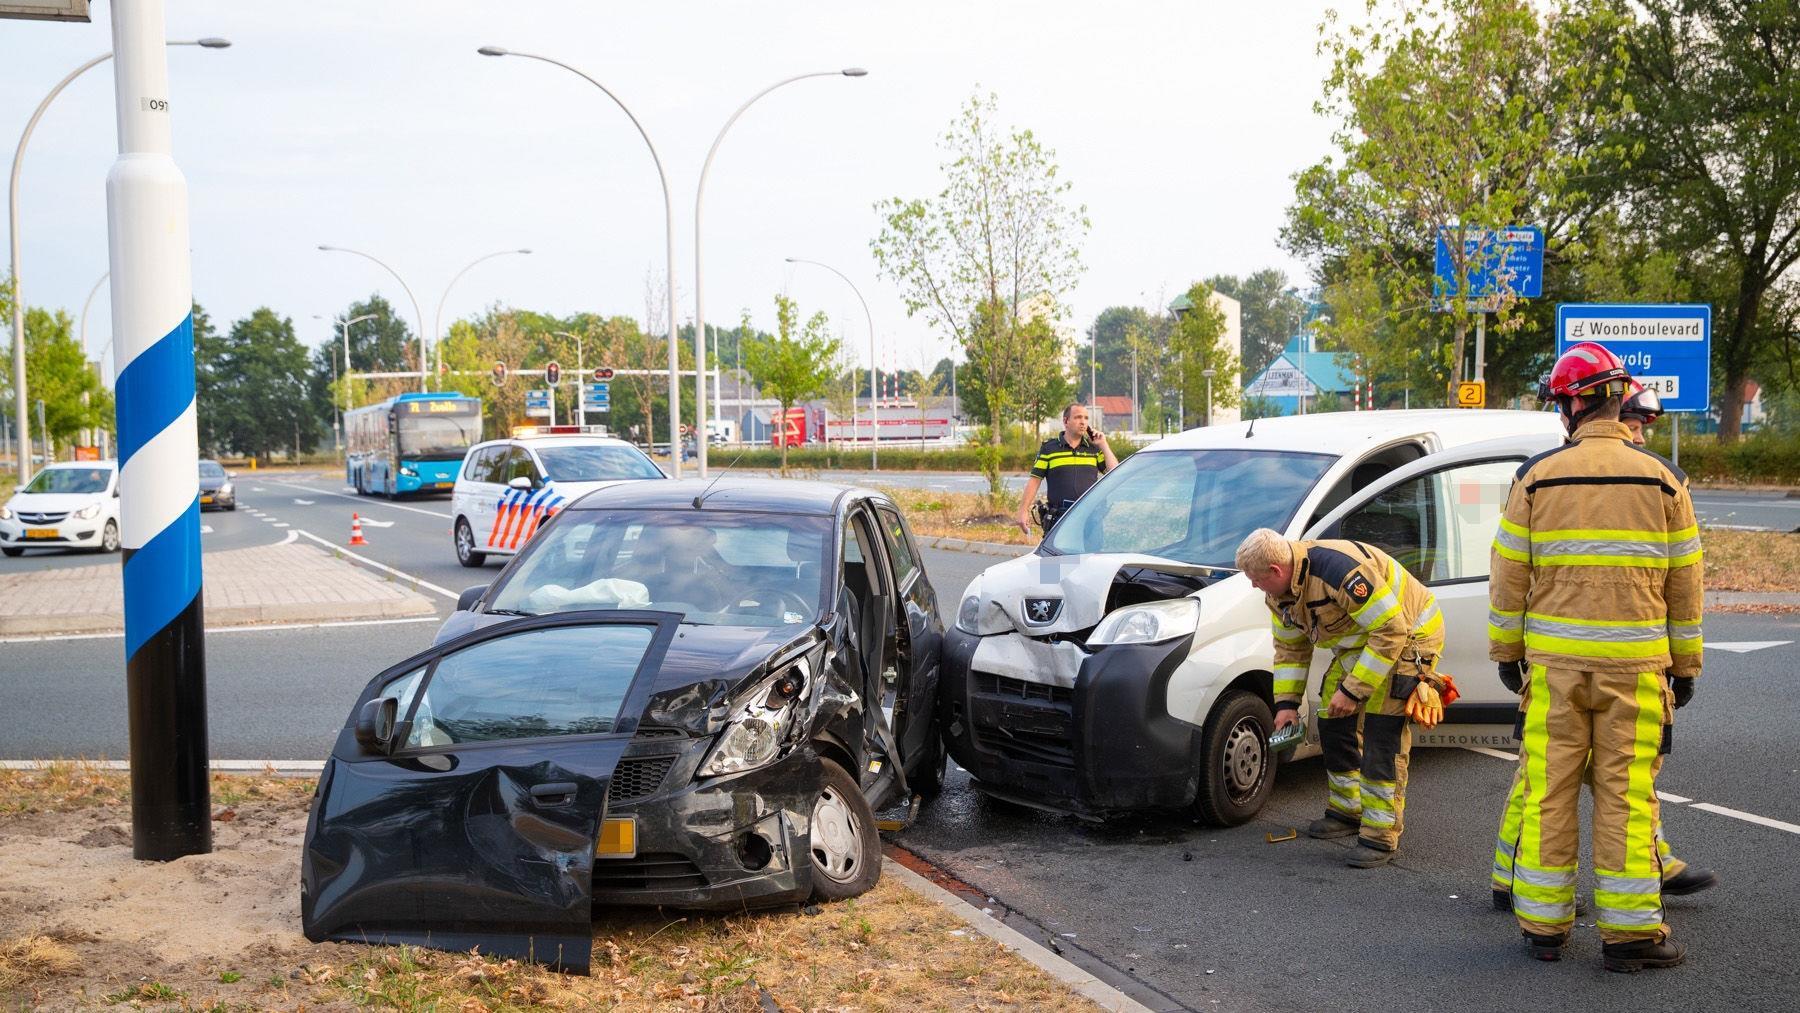 Brandweer haalt beknelde man uit auto na botsing in Zwolle.